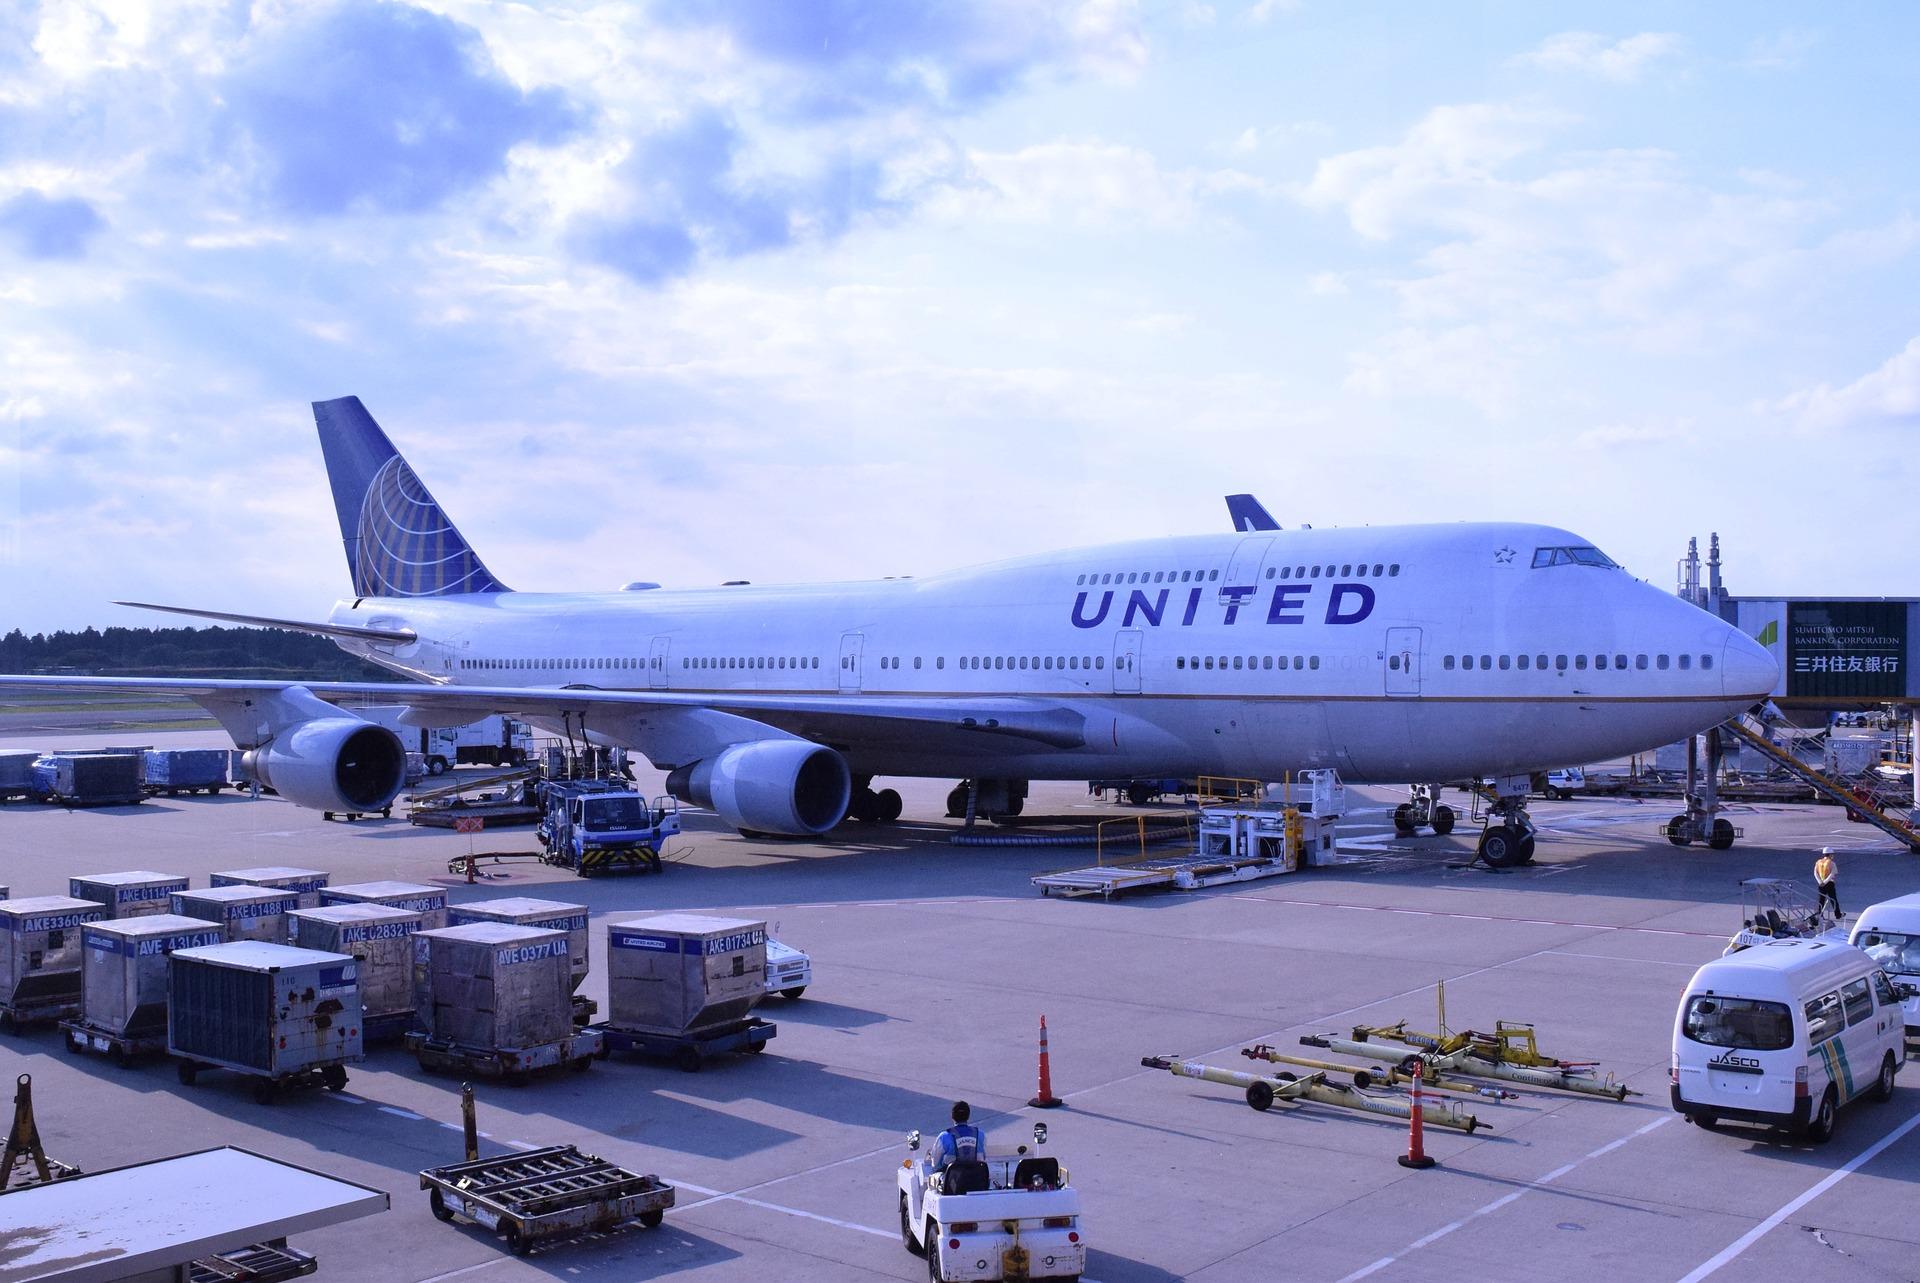 ユナイテッド航空がマイル購入セールを実施中(~9/7まで)